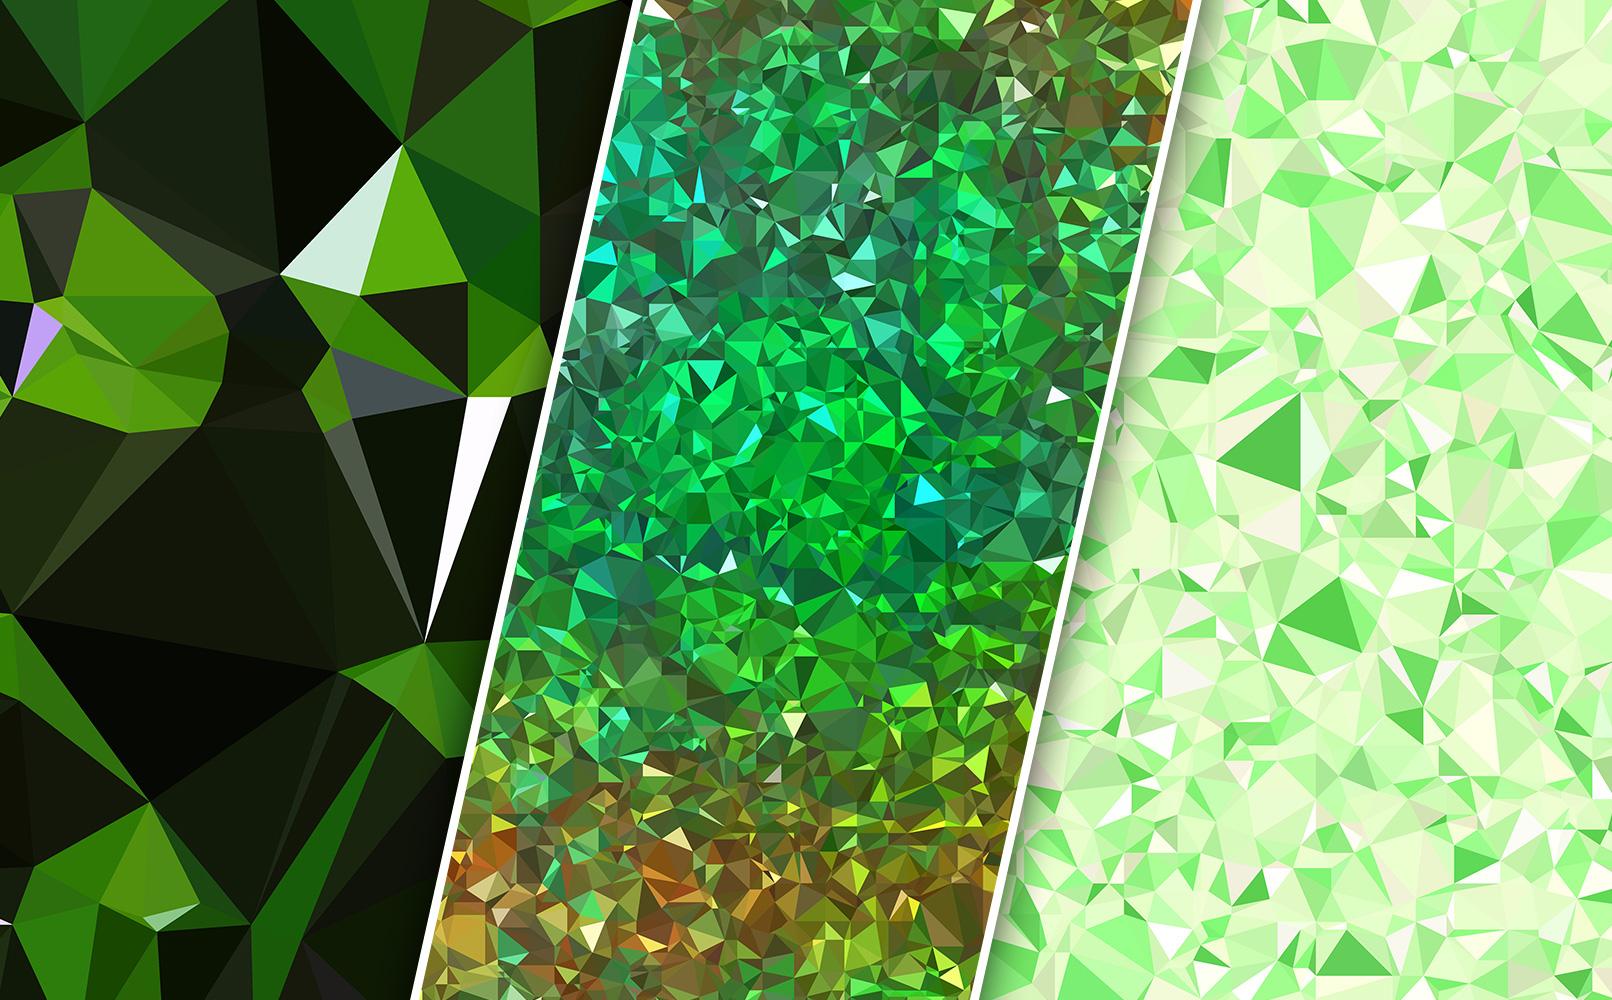 Texturen mit Polygonen in Grün